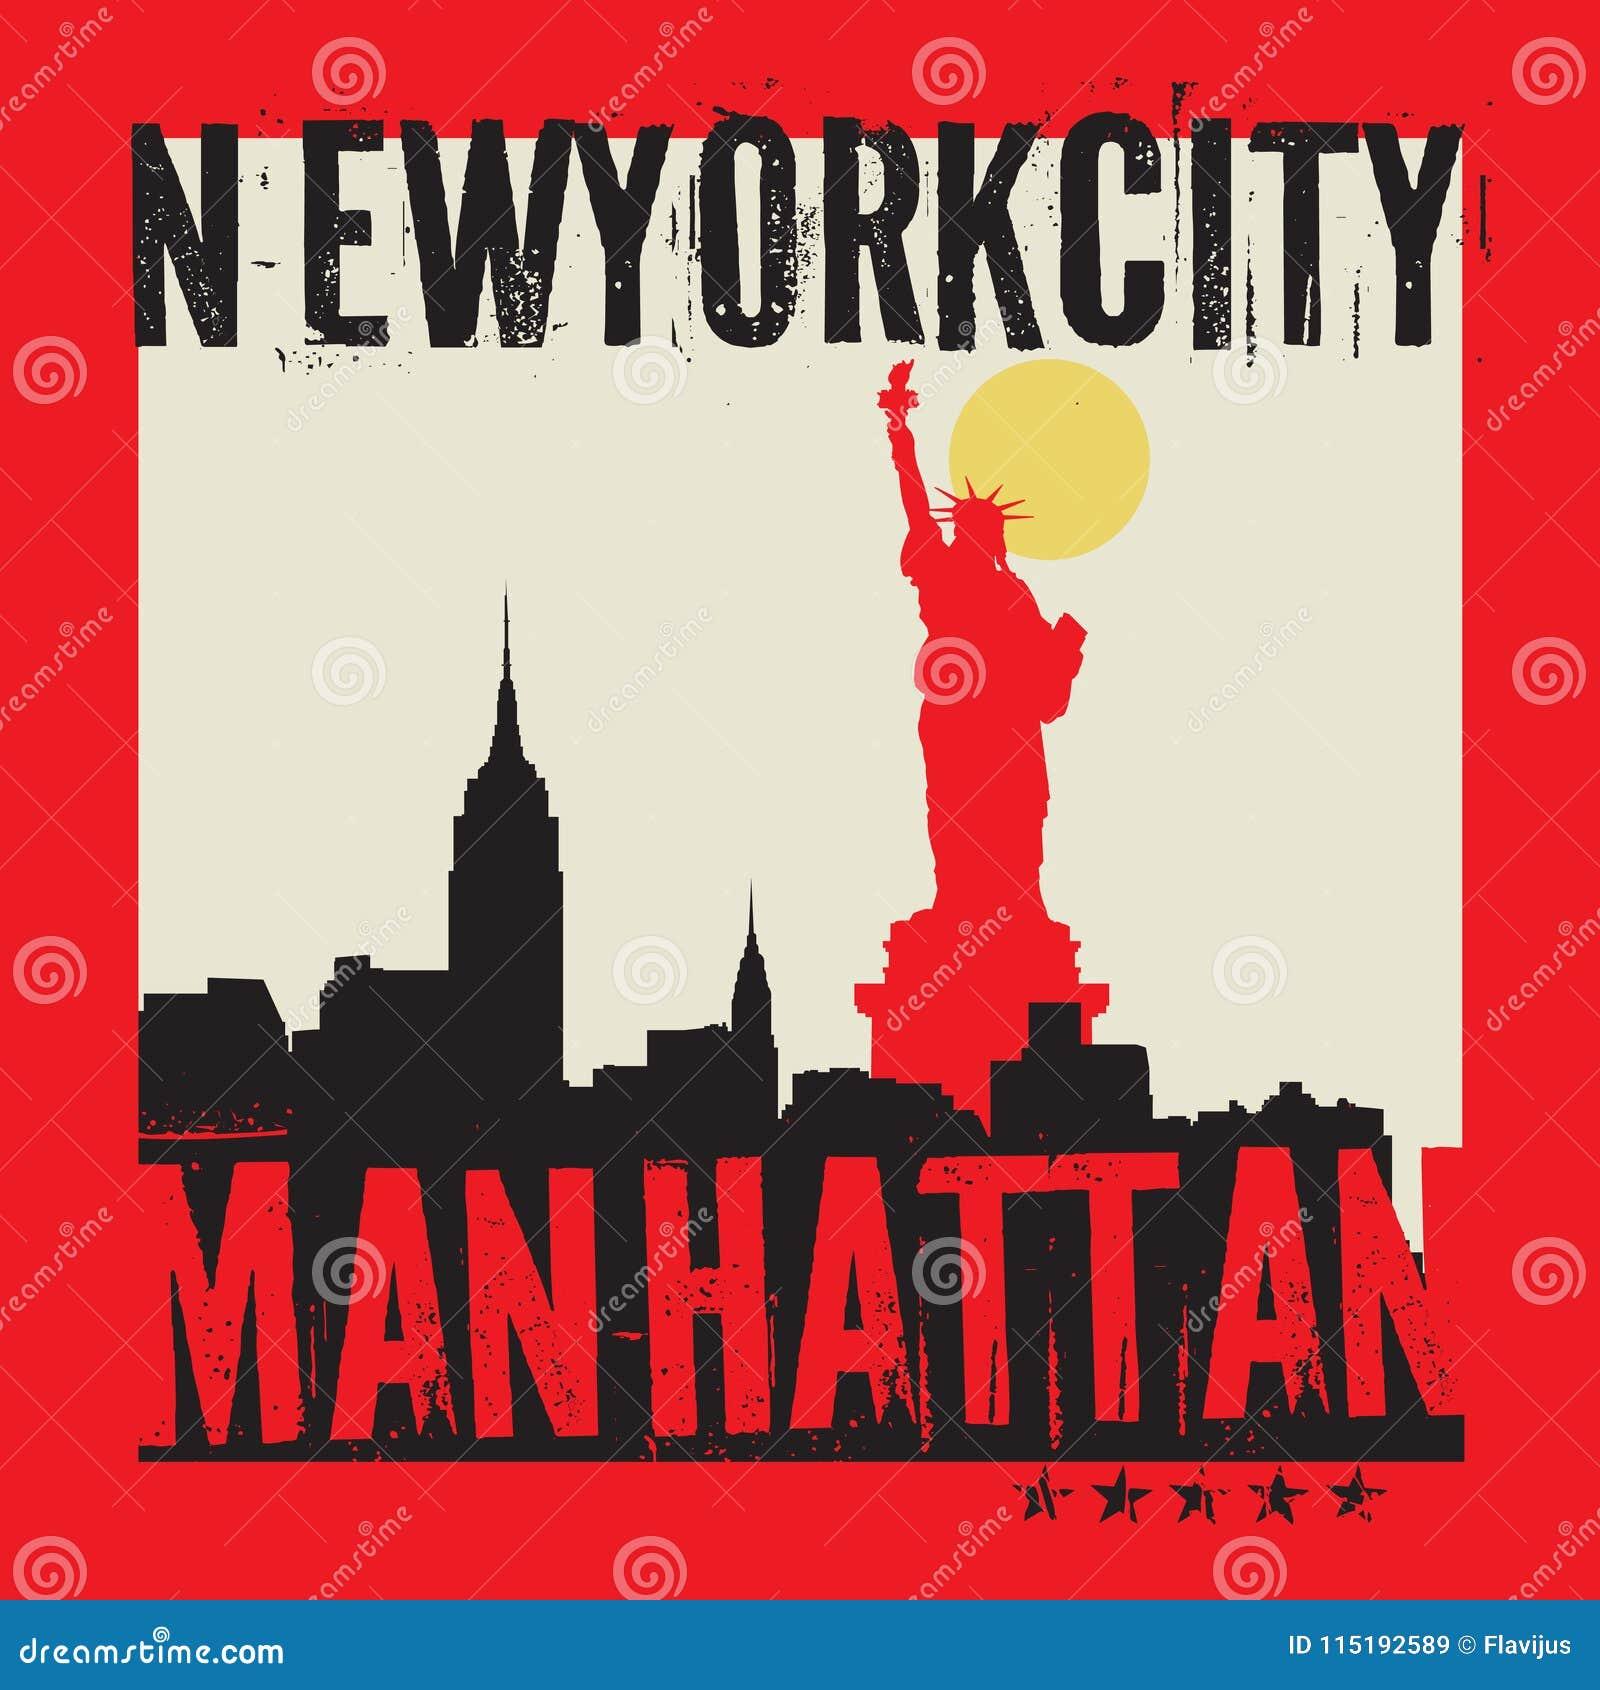 Манхаттан, Нью-Йорк, иллюстрация силуэта